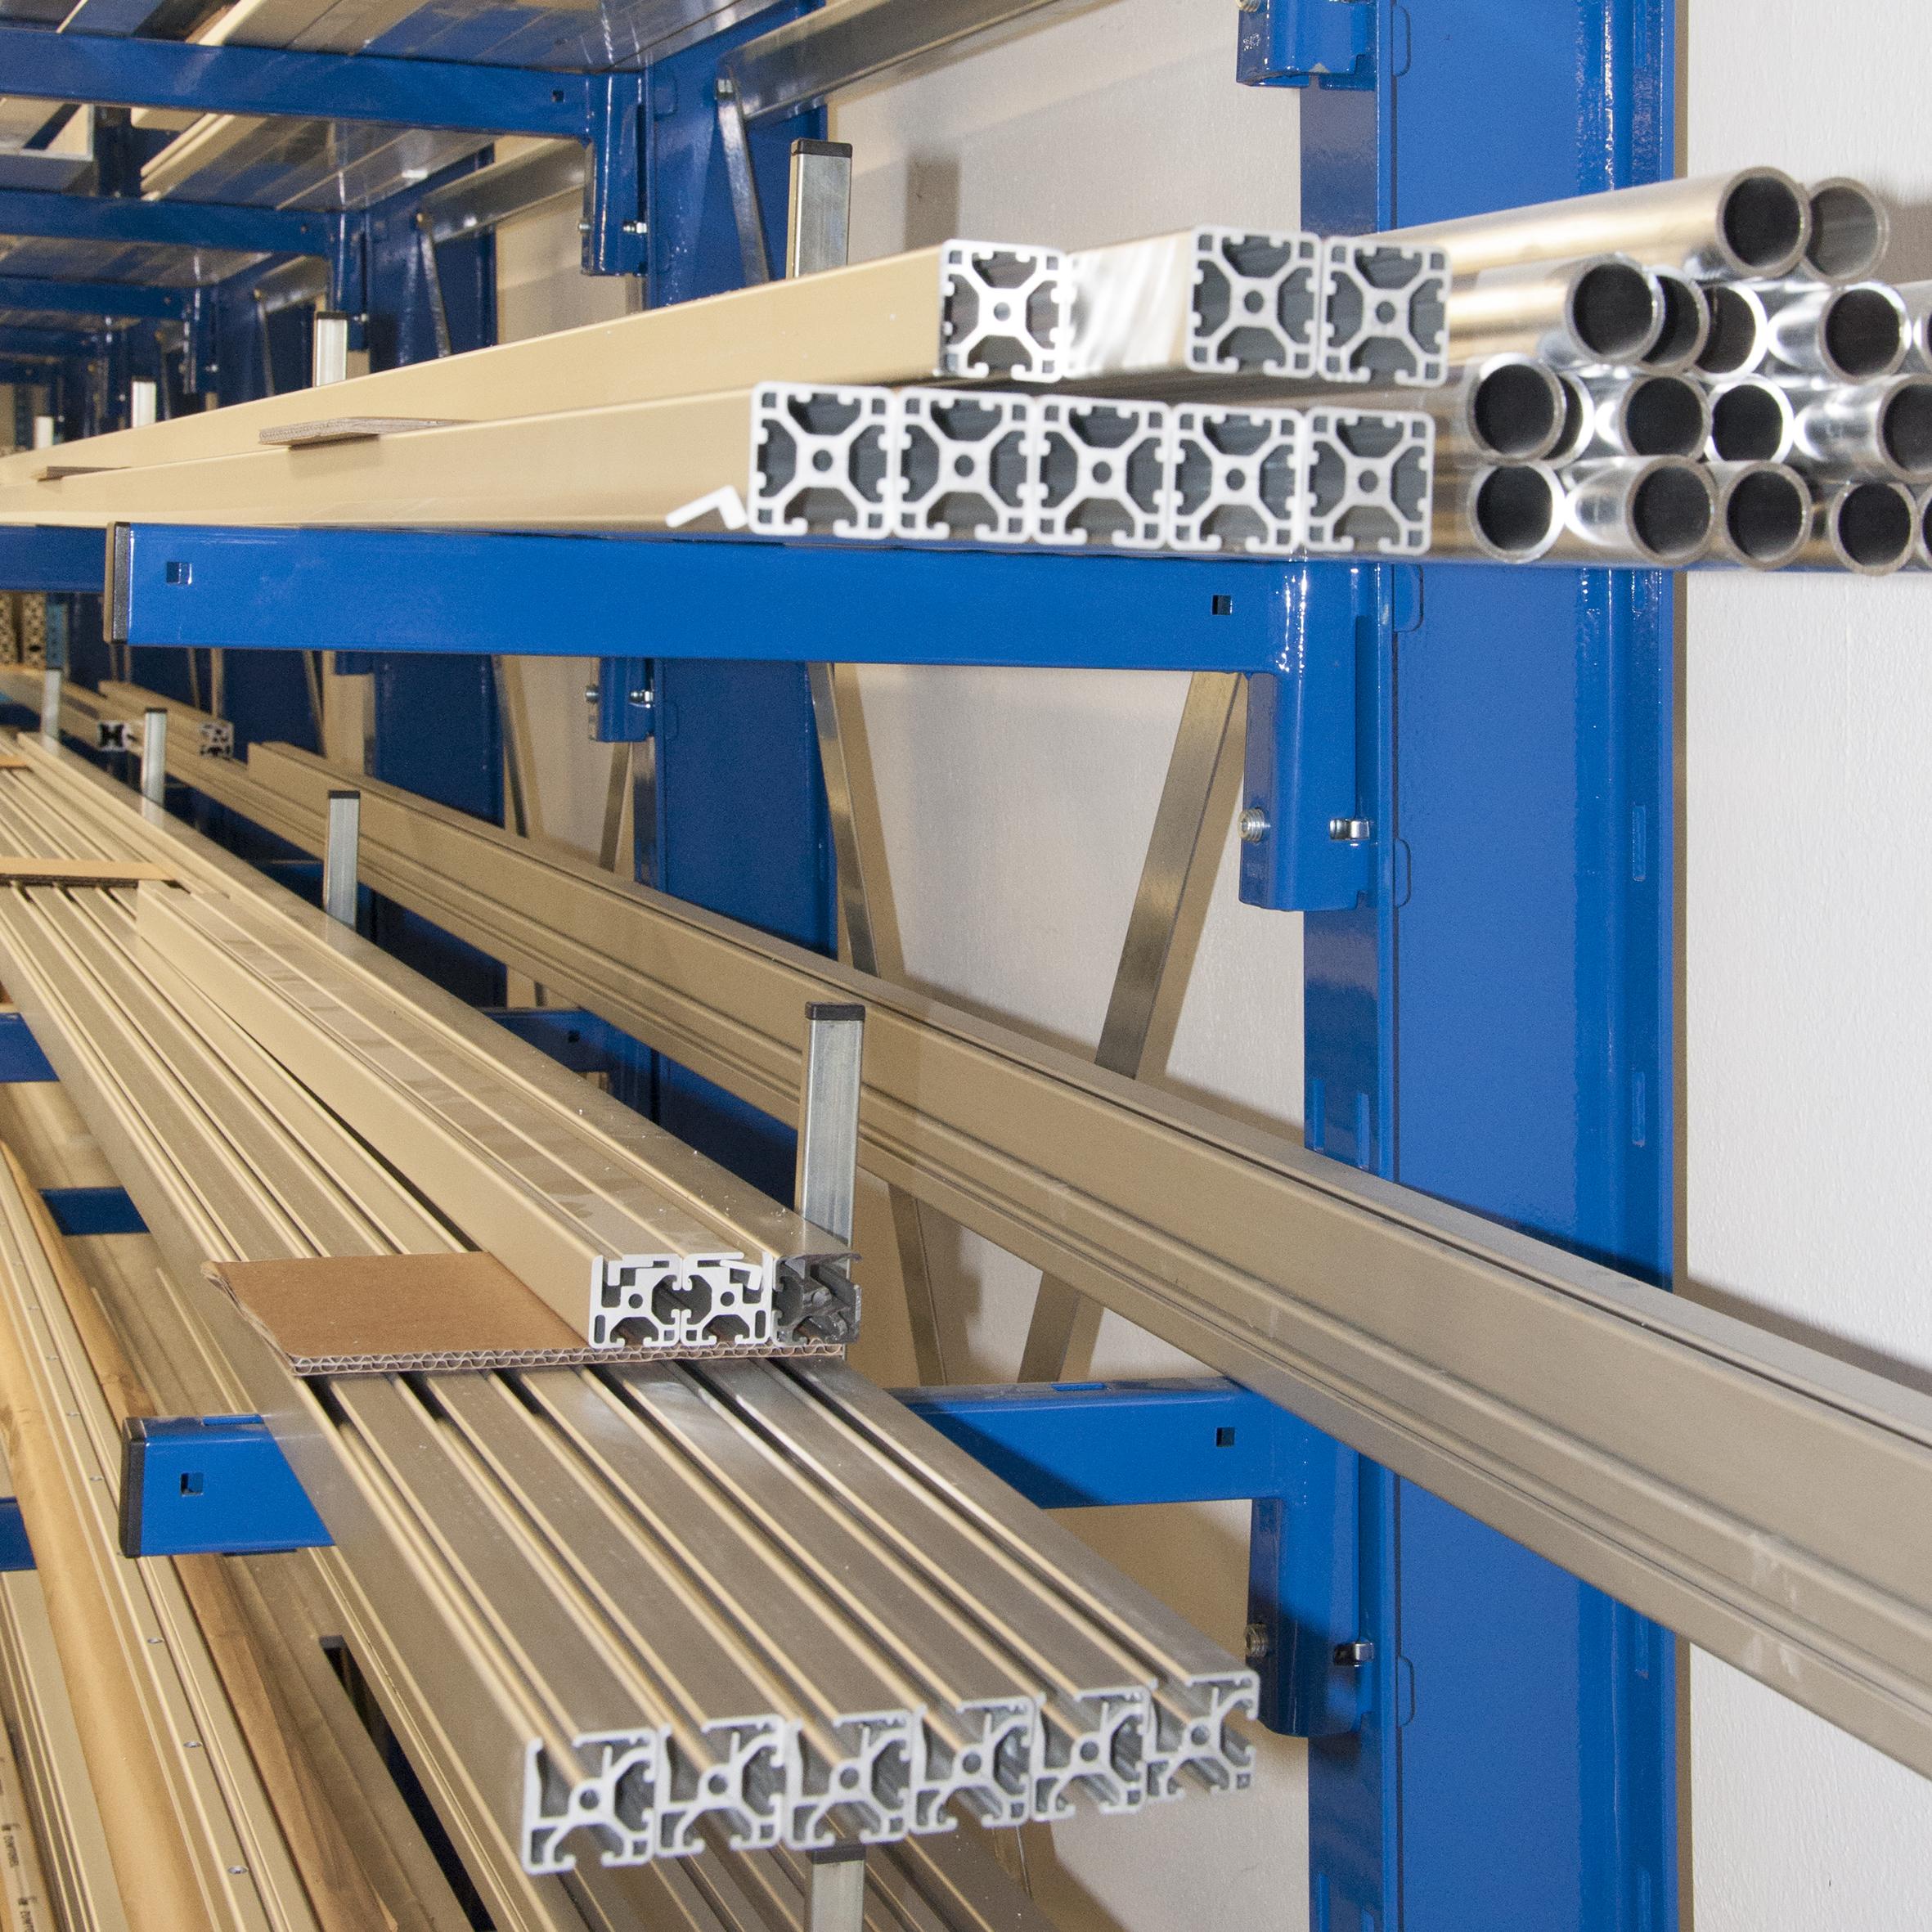 hochfeste Aluminium-Systemprofile für industrielle Anwendungen